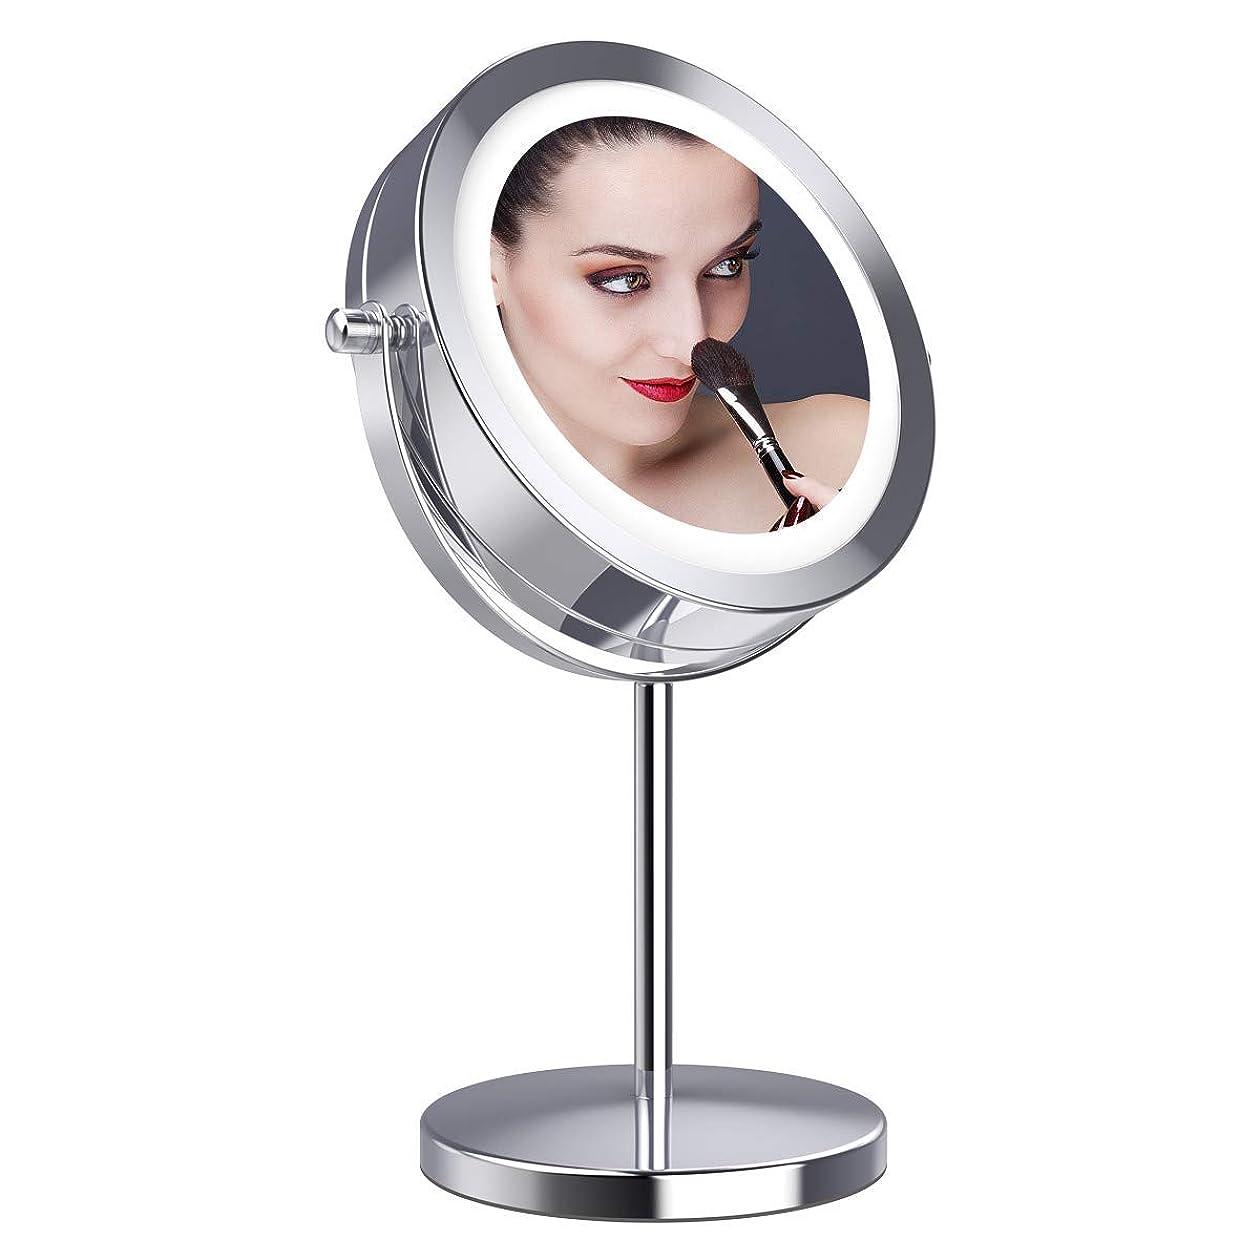 照らす交換可能不足拡大鏡10倍 LED拡大鏡 化粧鏡 LEDミラー 卓上ミラーled 化粧ミラー 360度回転ミラー LEDライト付きミラー 真実の北欧風卓上鏡 卓上鏡 LED化粧鏡 両面化粧鏡 スタンドミラー「Gospire」